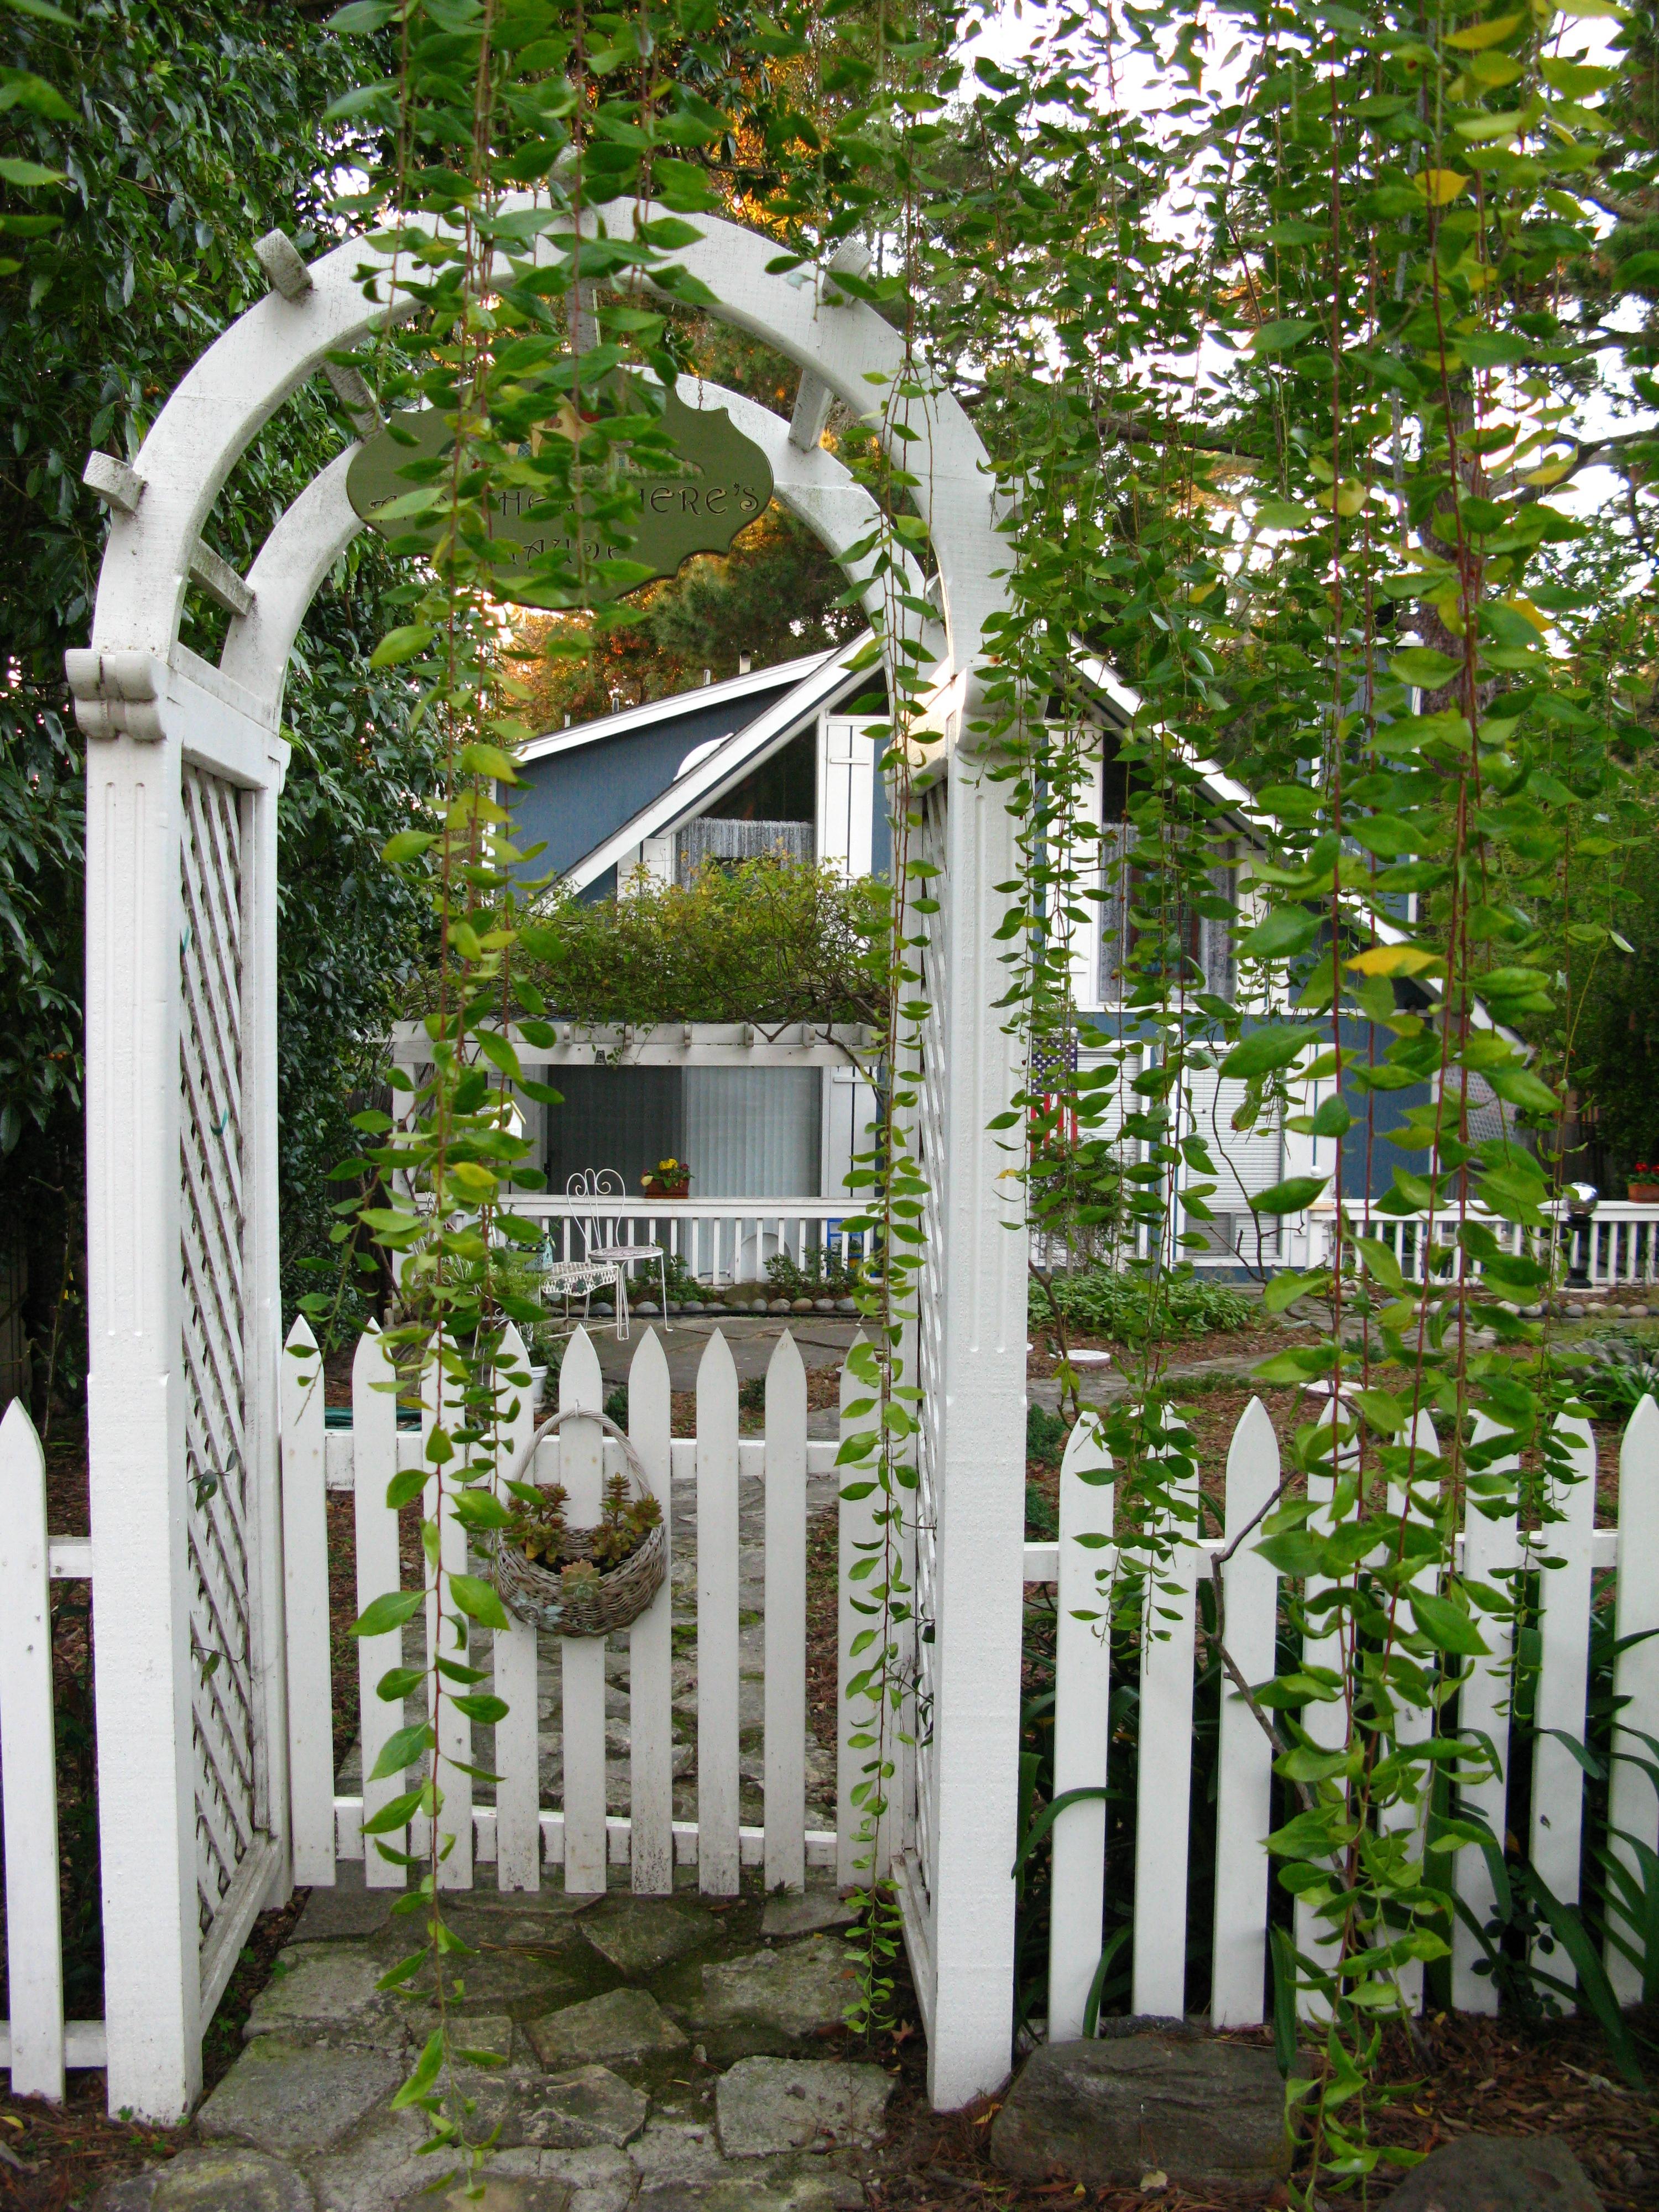 Wooden garden gates for sale - Still